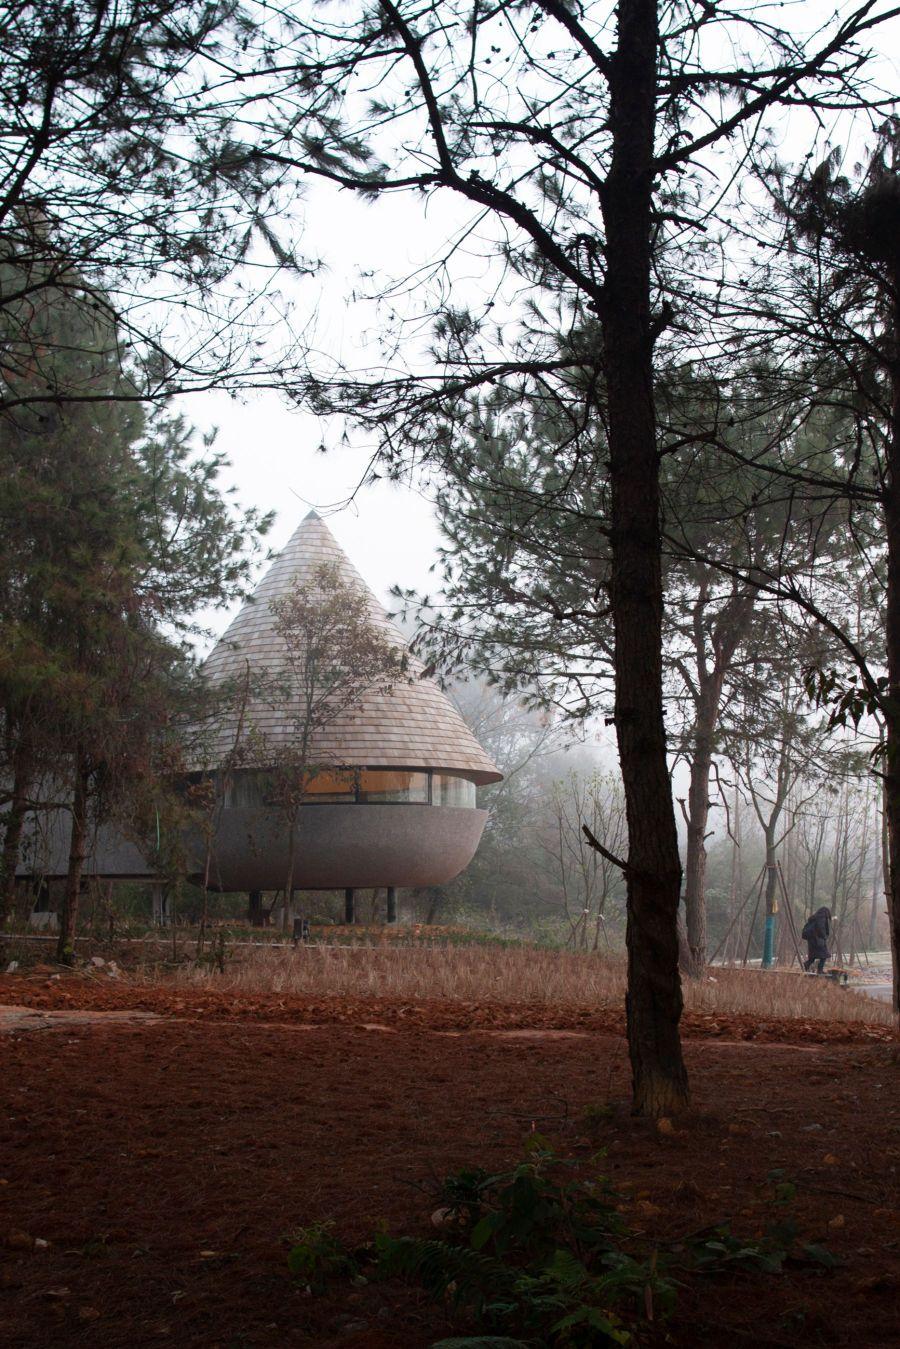 Mushroom guest house by ZJJZ Atelier